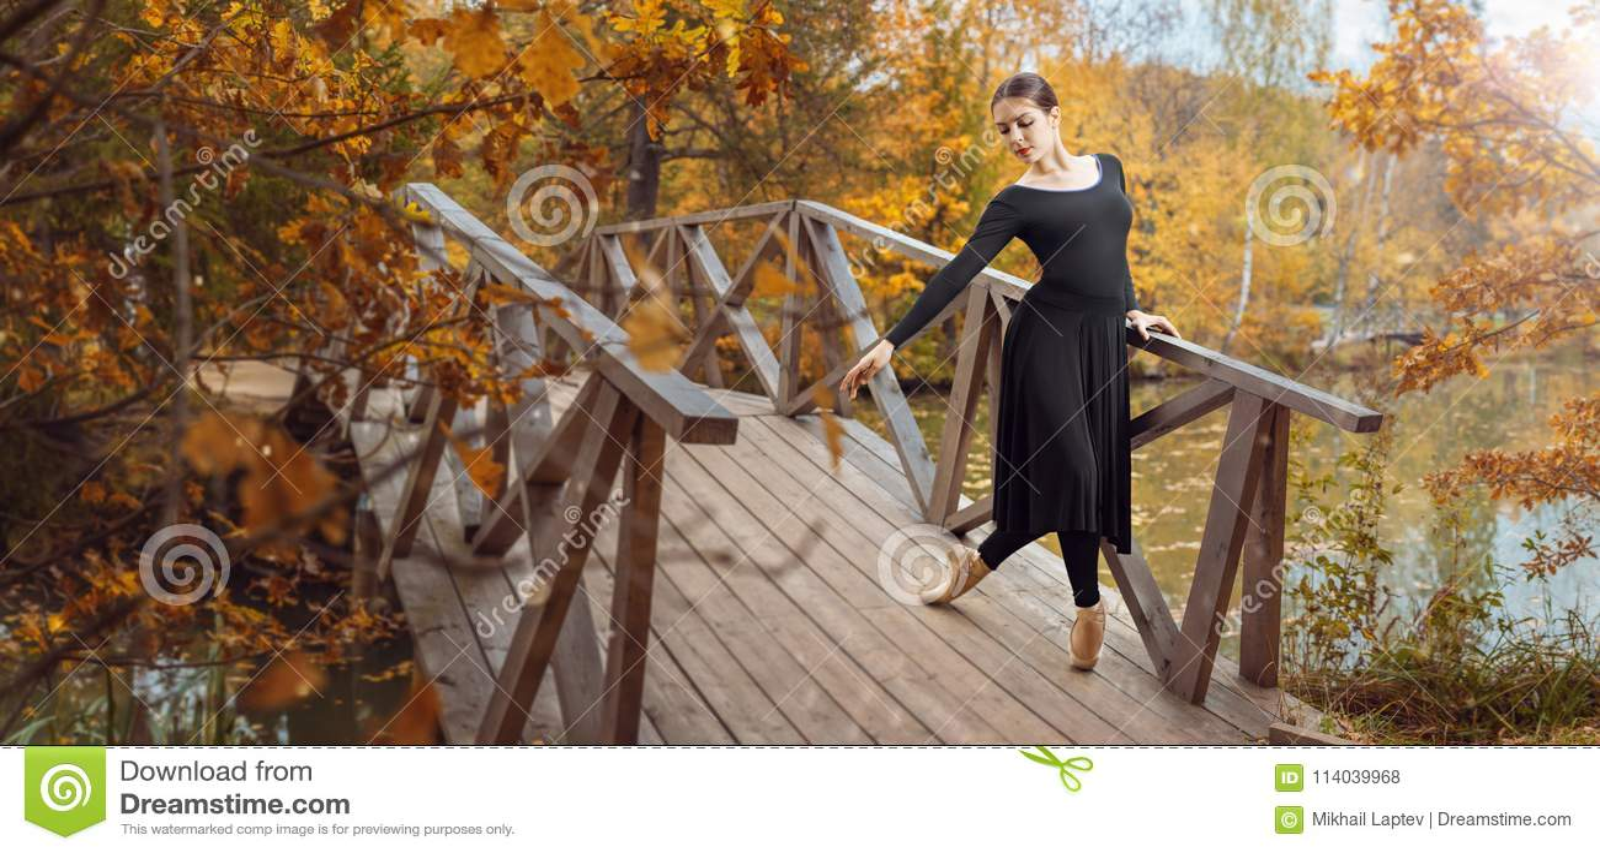 Dançarino de bailado moderno no parque do outono